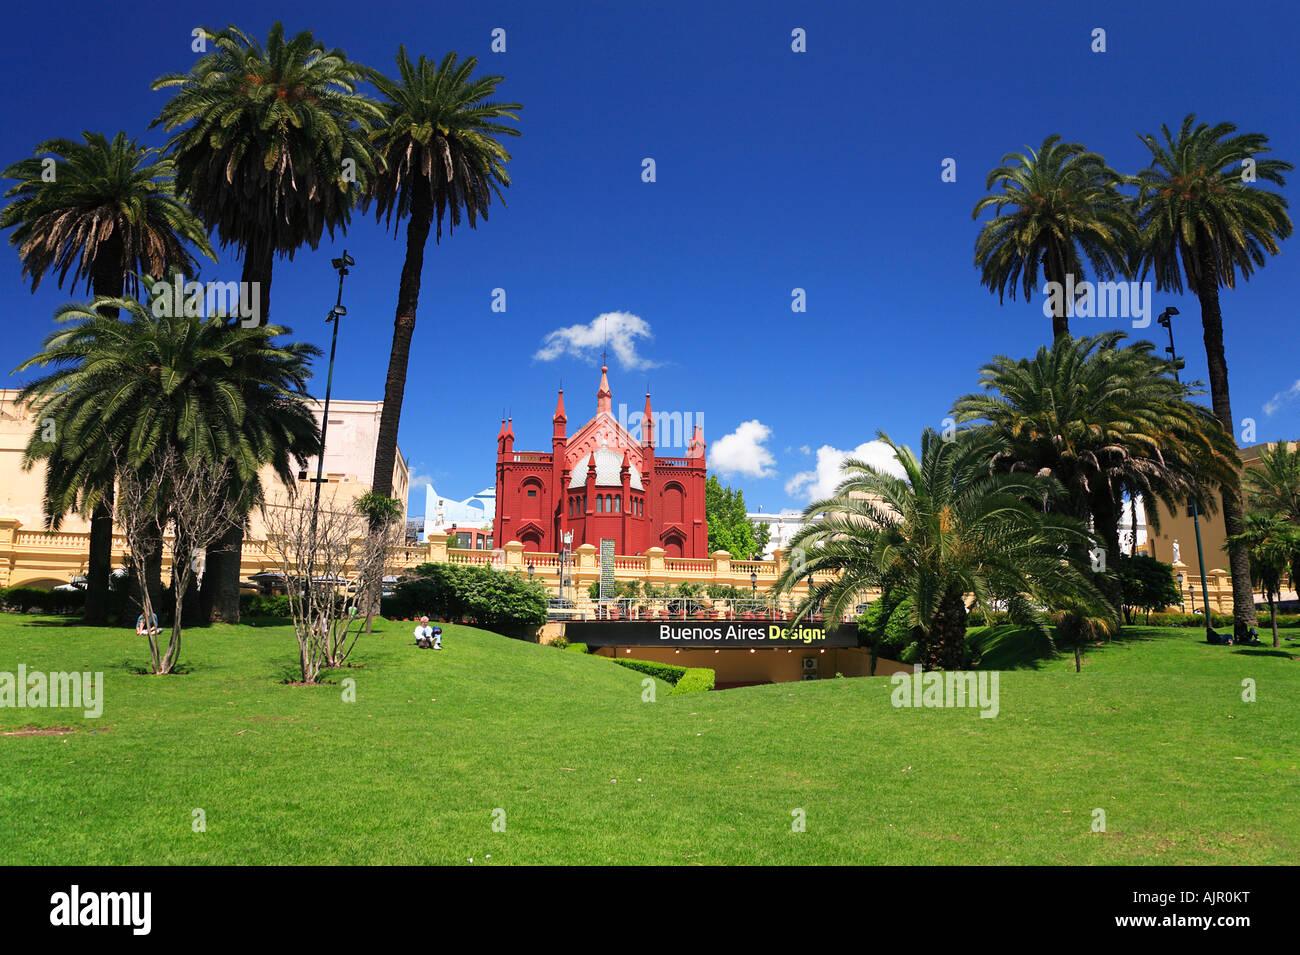 Recoleta Kulturzentrum mit Rasen und Palmen, Buenos Aires, Argentinien Stockbild